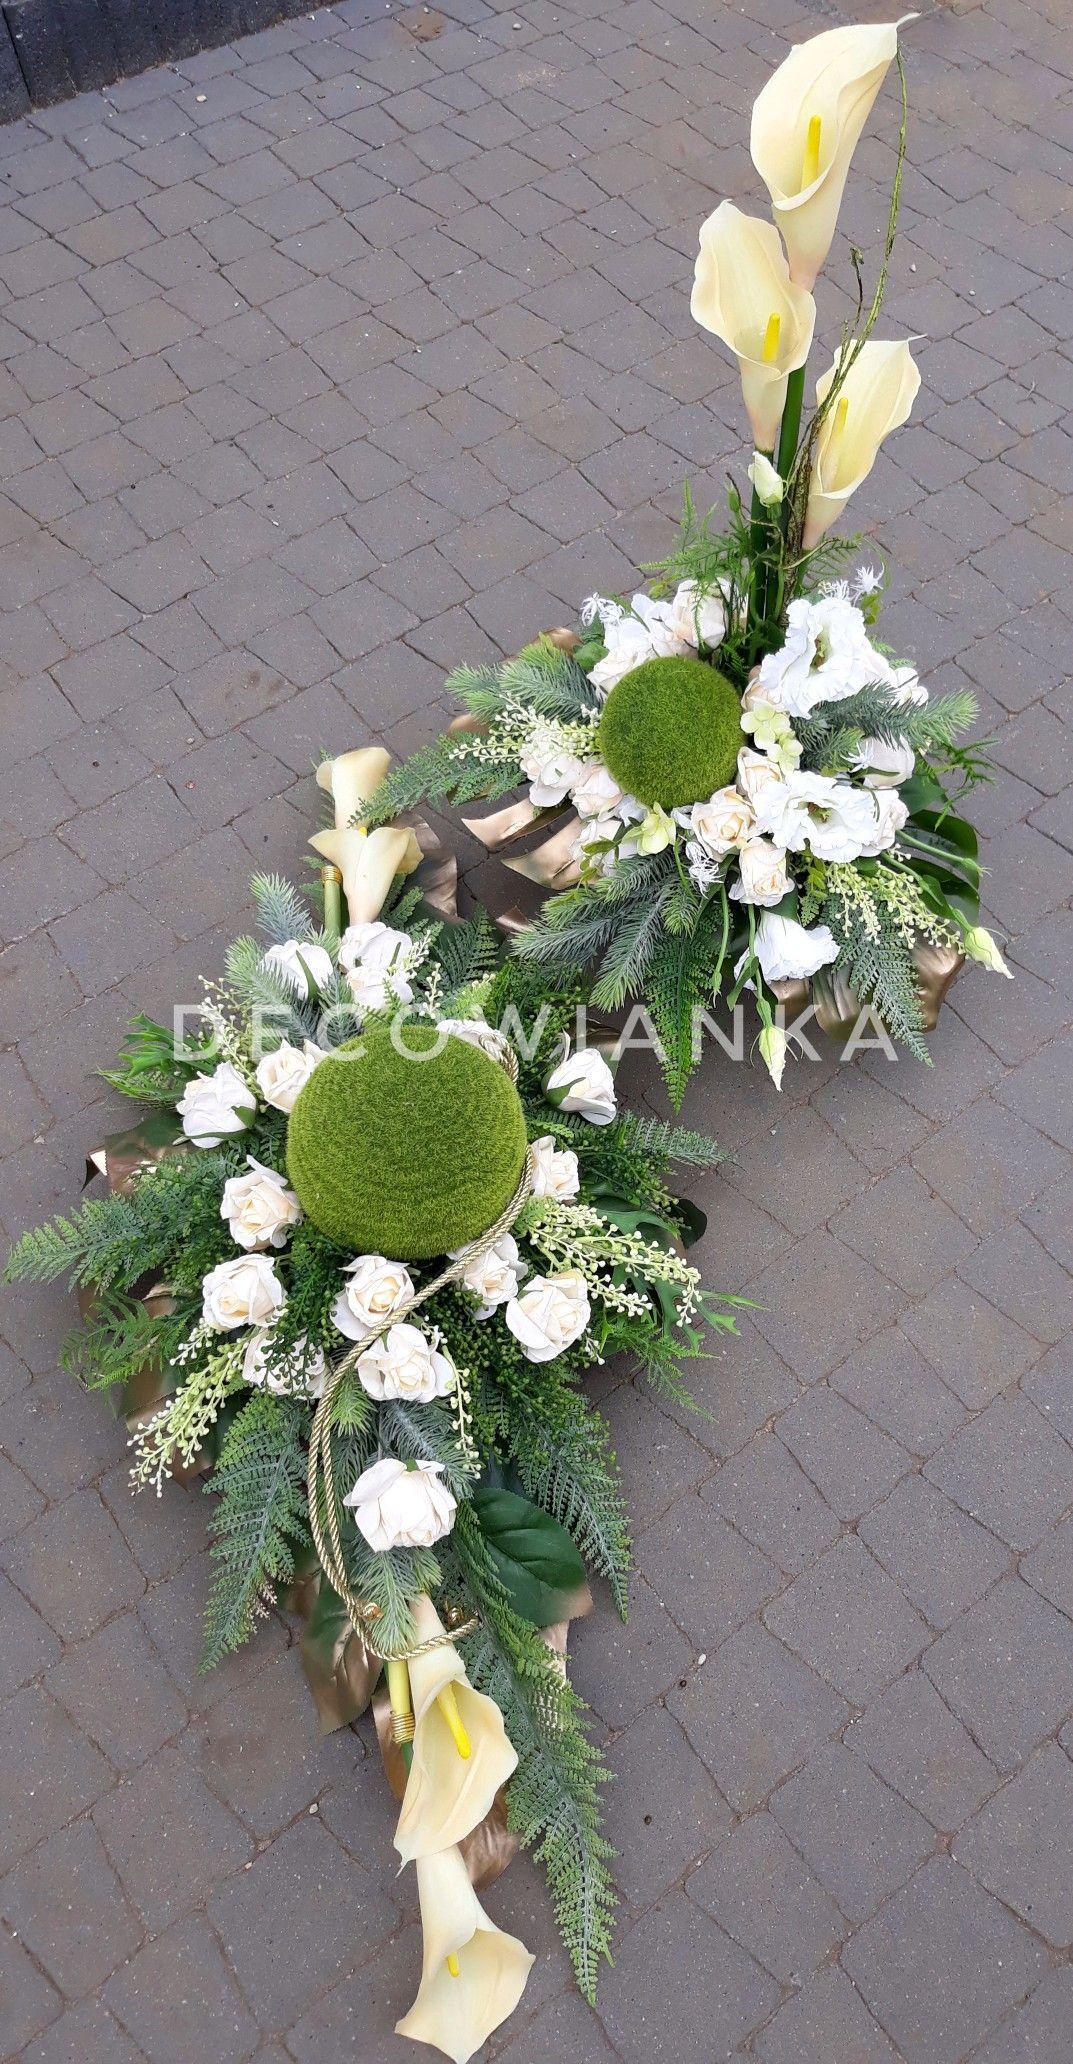 Dekoracja Nagrobna Komplet Bukiet Wiazanka Dekoracja Nagrobna Kwiaty Sztuczne Stroi Funeral Flower Arrangements Church Flower Arrangements Funeral Floral